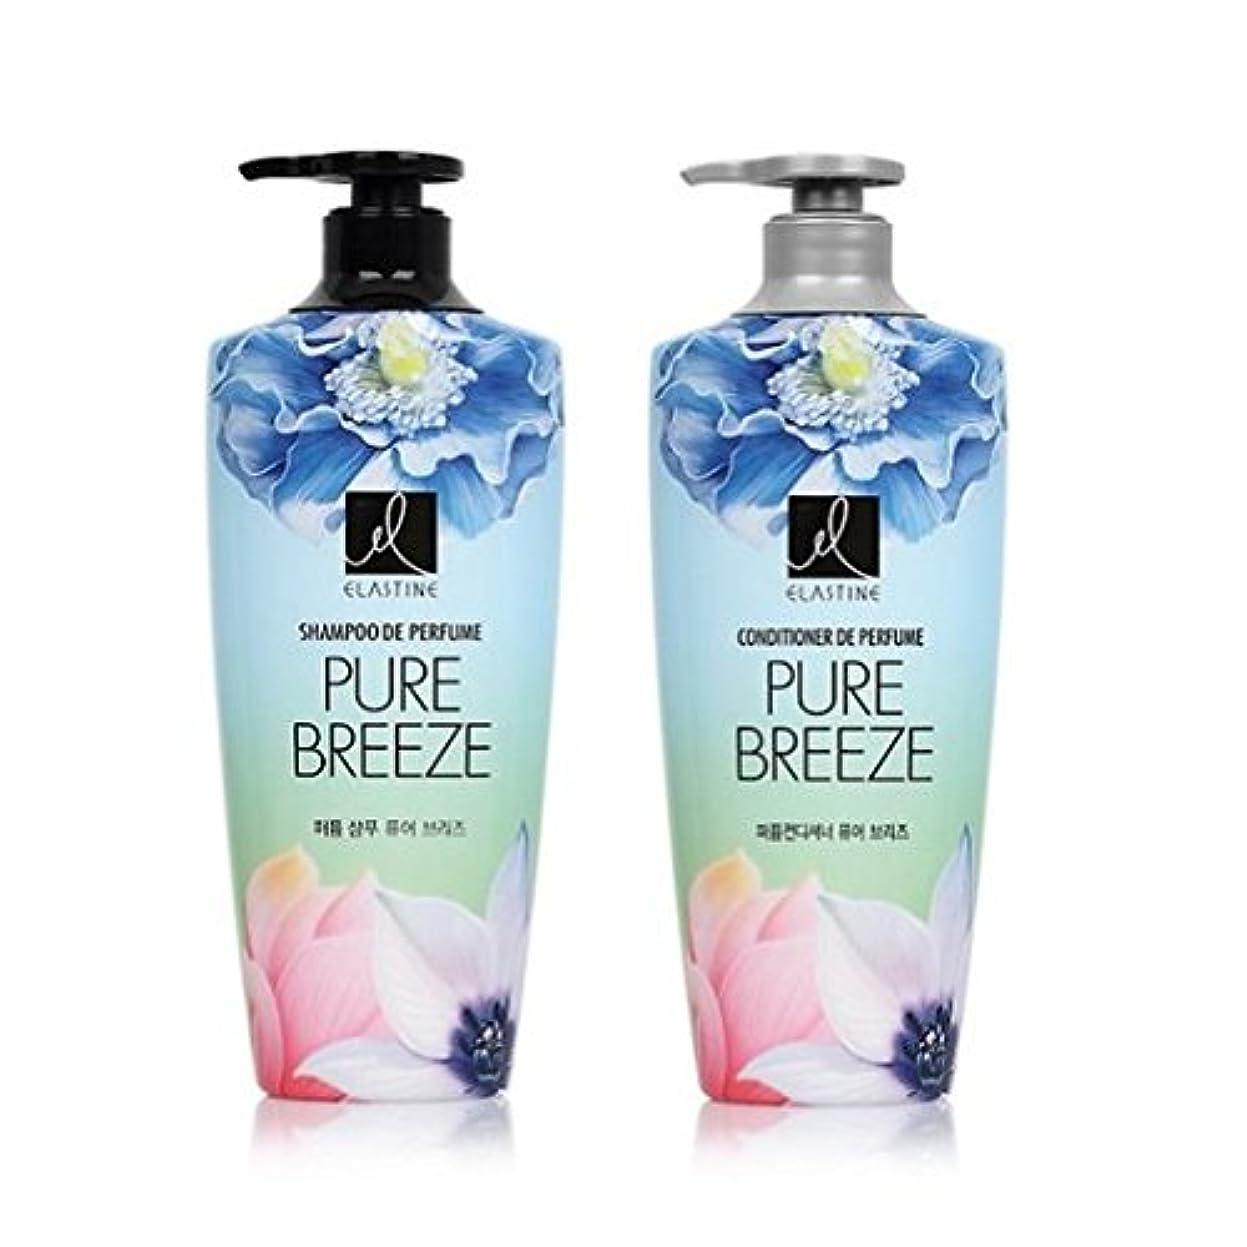 春もちろんムスタチオ[エラスティン] Elastine Perfume PURE BREEZE シャンプー600ml x 2本, コンディショナー600ml x 1本 / パフュームピュアブリーズ [並行輸入品]